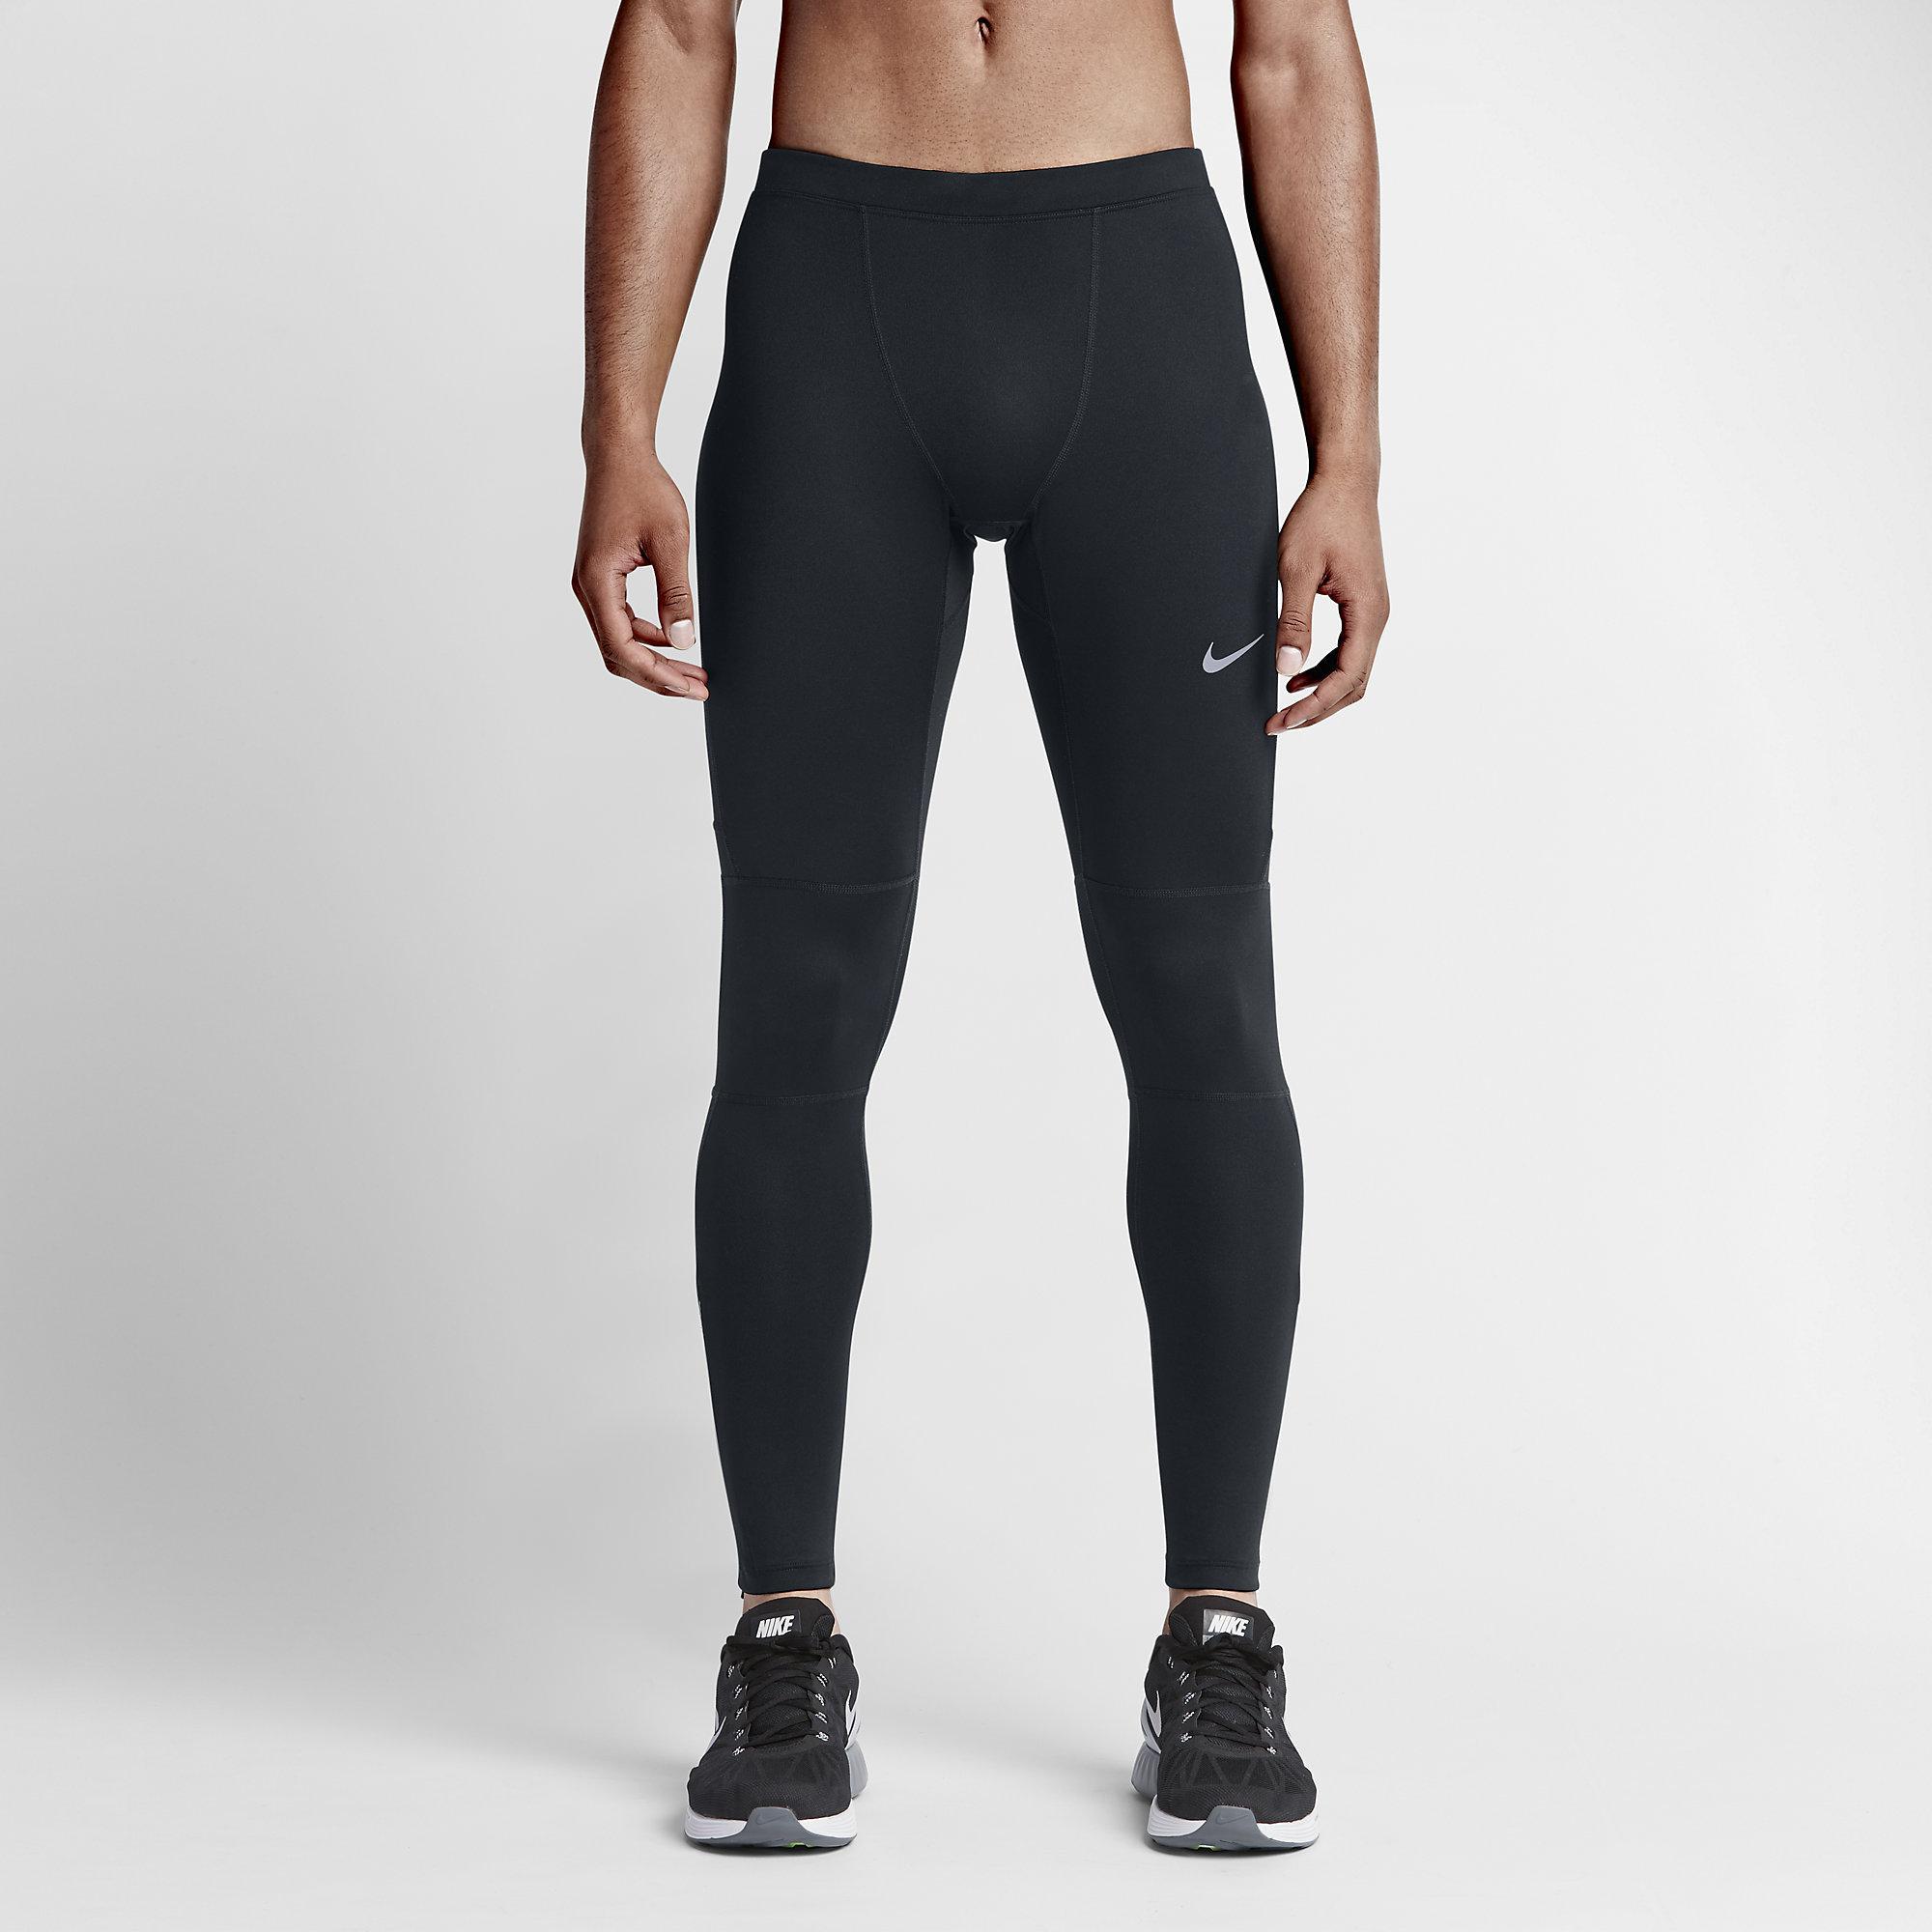 Nike Mens Dri-FIT Essential Running Tights - Black ...